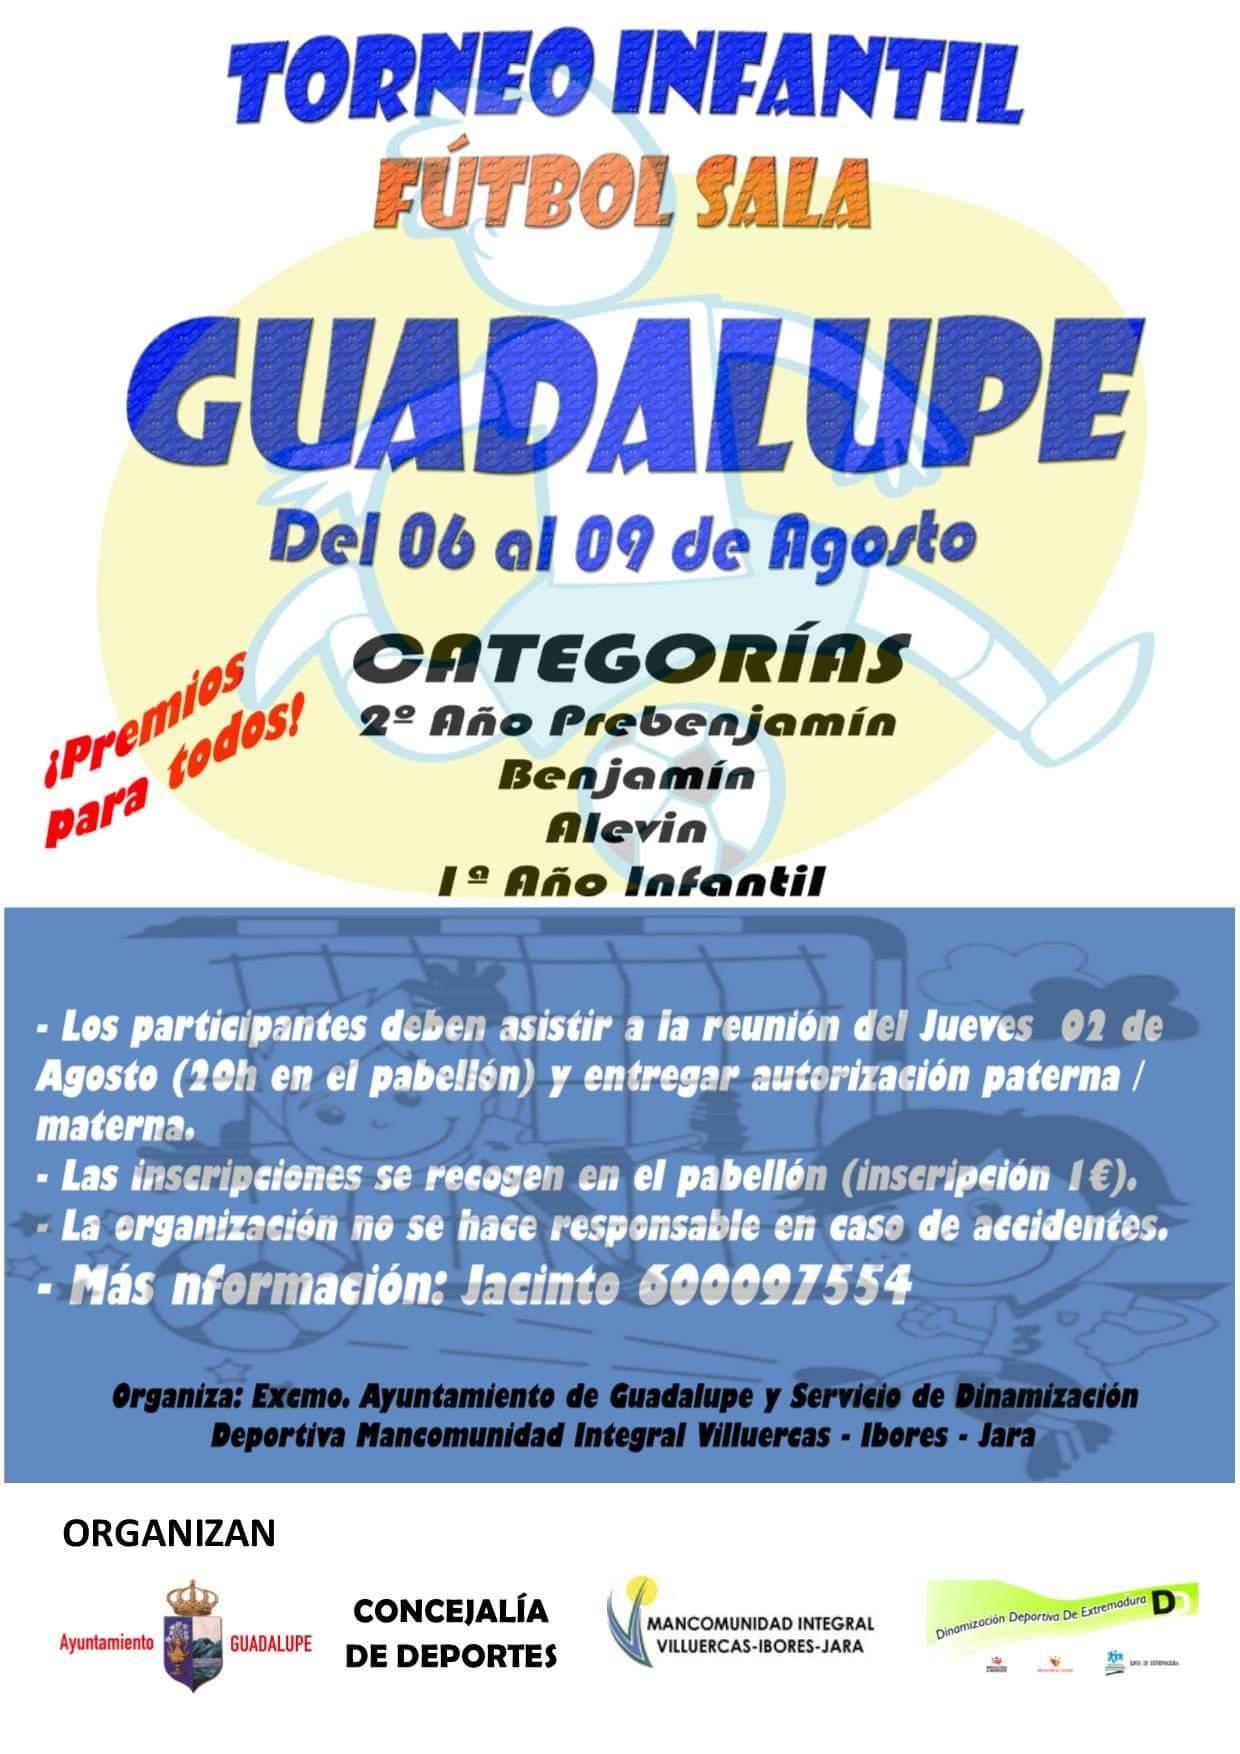 Torneo infantil de fútbol sala 2018 - Guadalupe